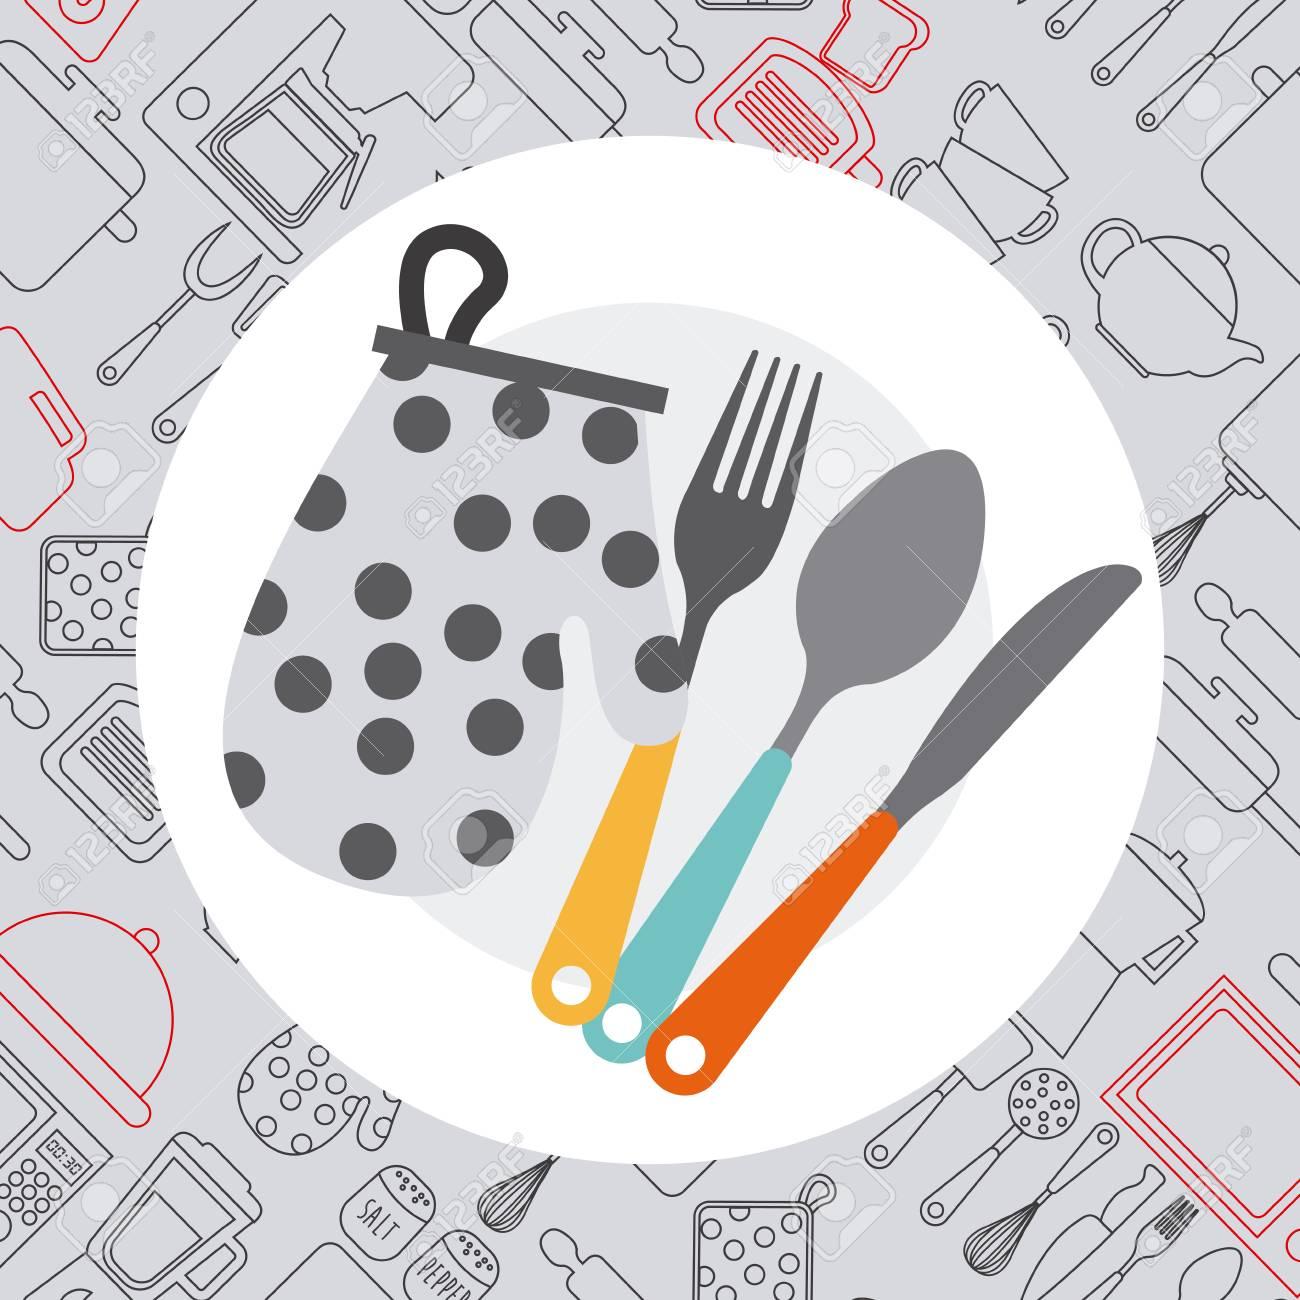 cucina concetto di design, illustrazione vettoriale grafico clipart